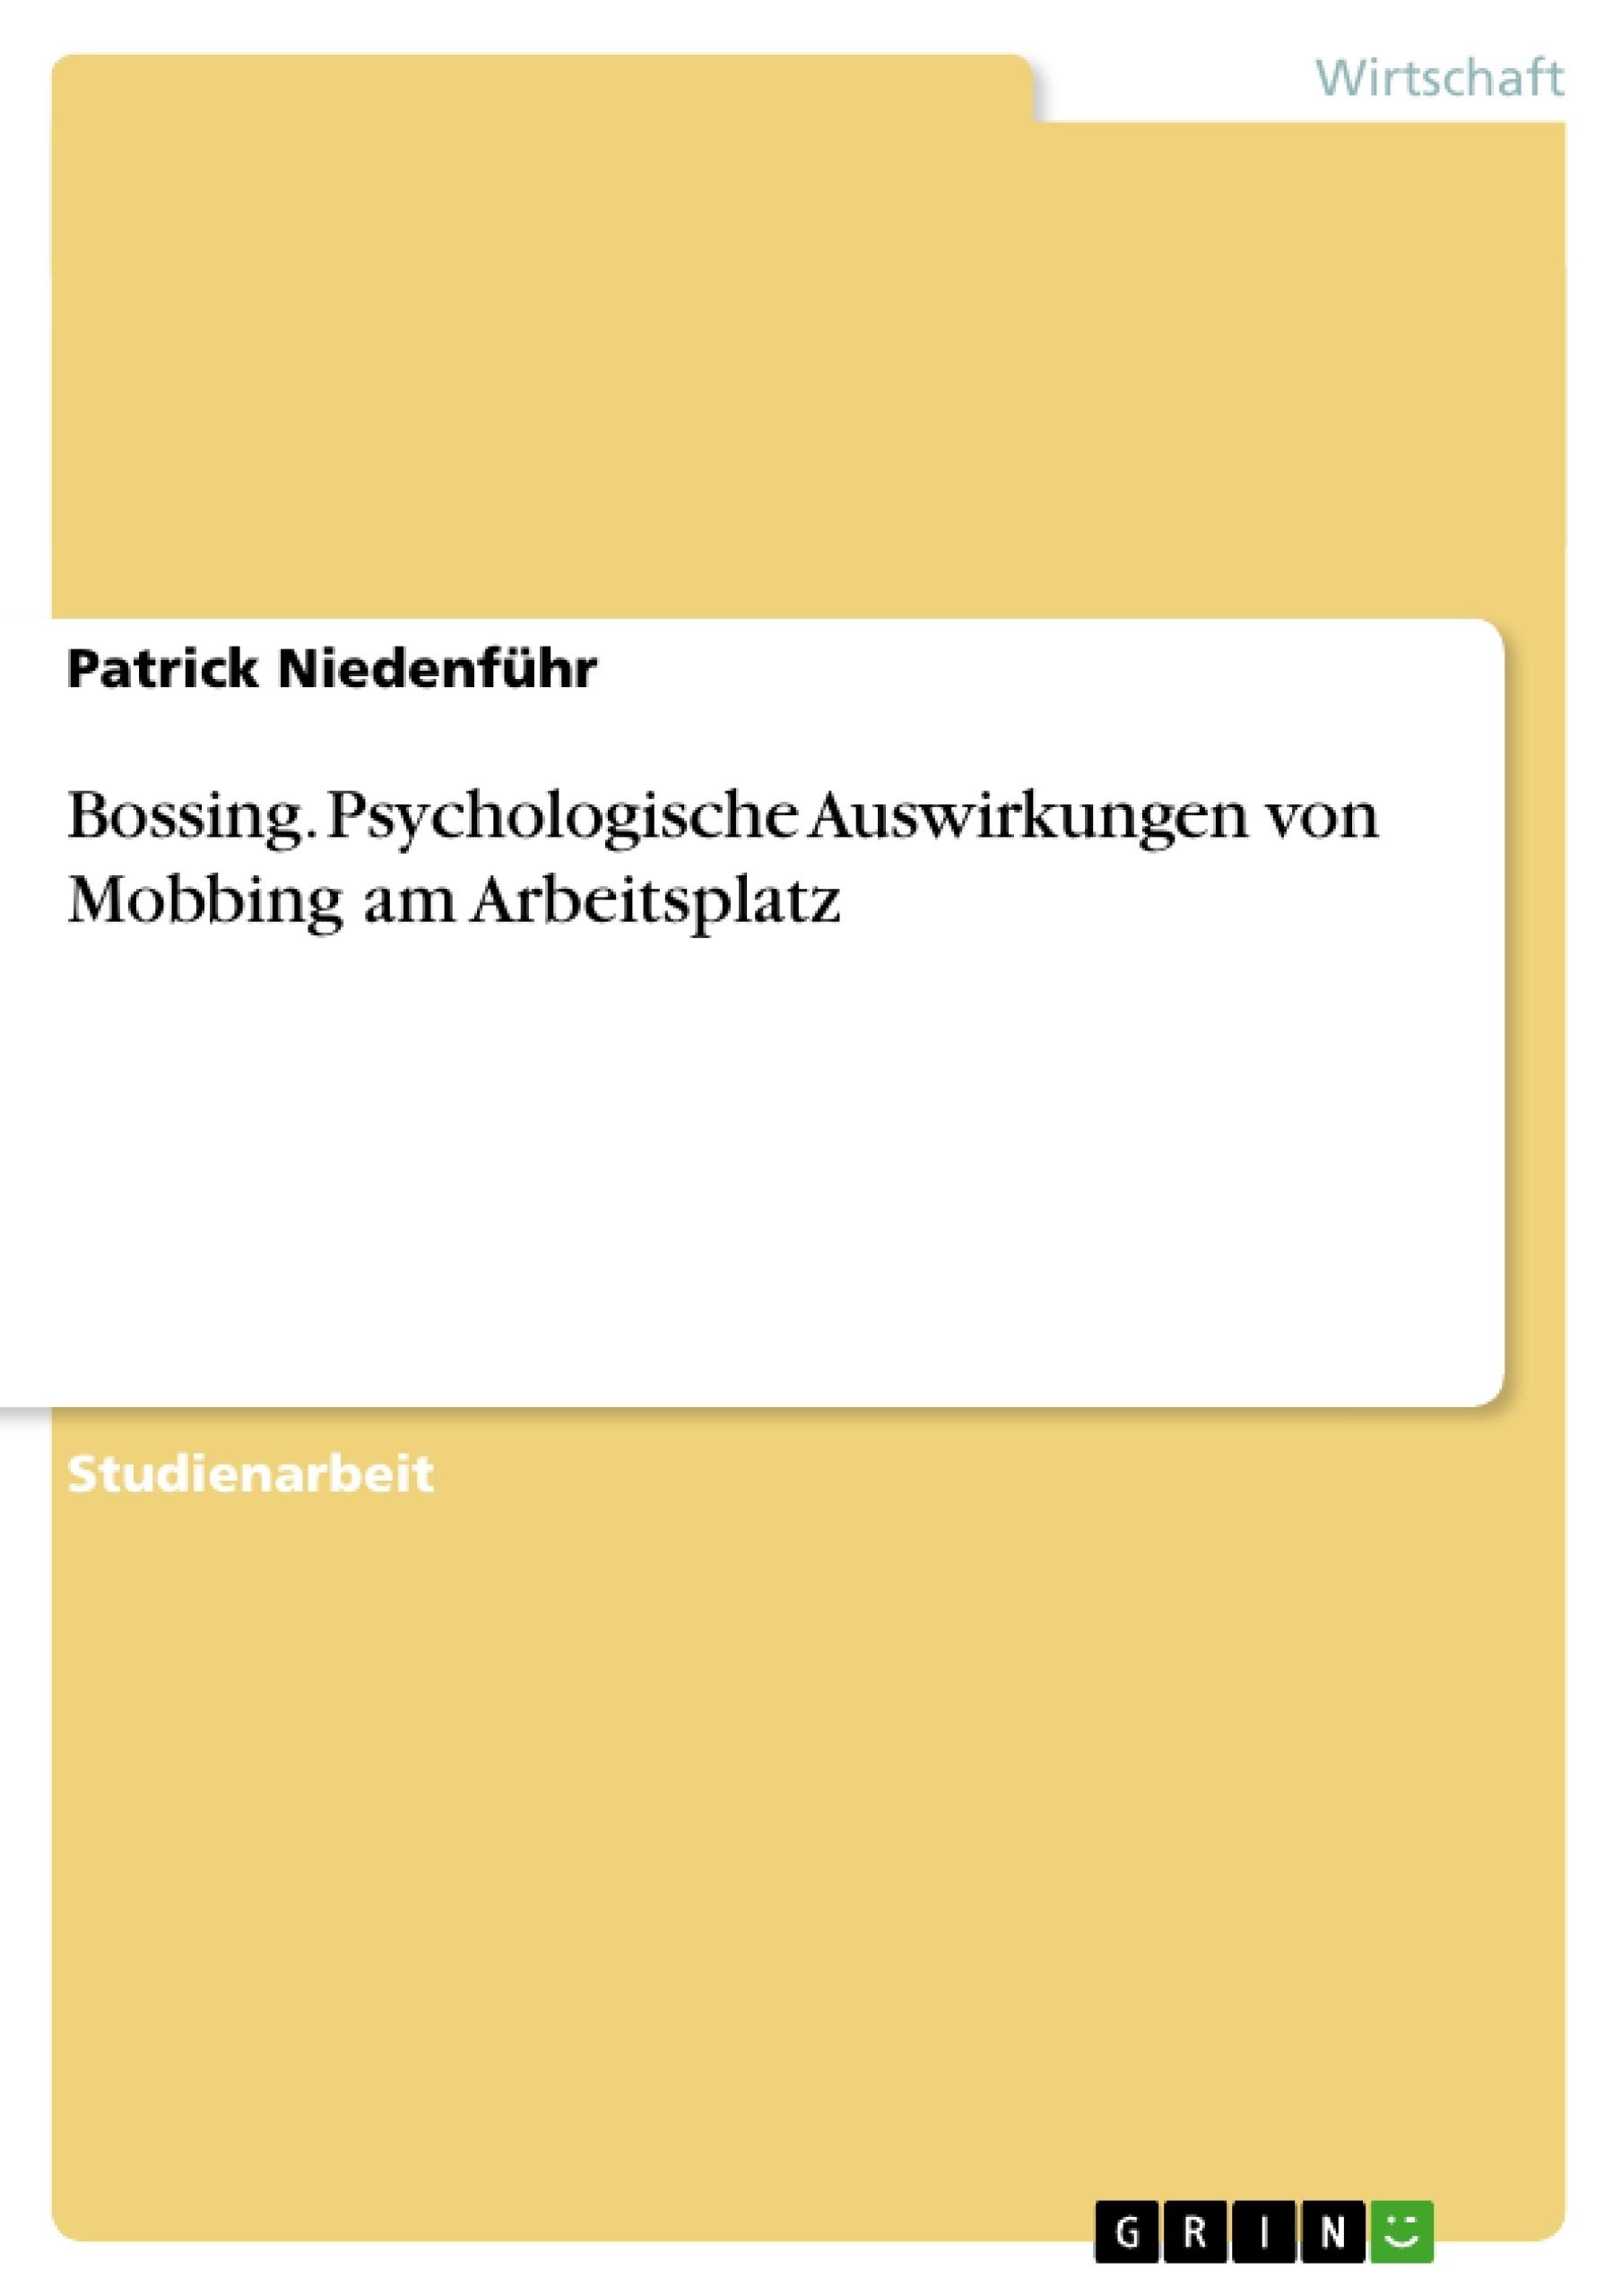 Titel: Bossing. Psychologische Auswirkungen von Mobbing am Arbeitsplatz